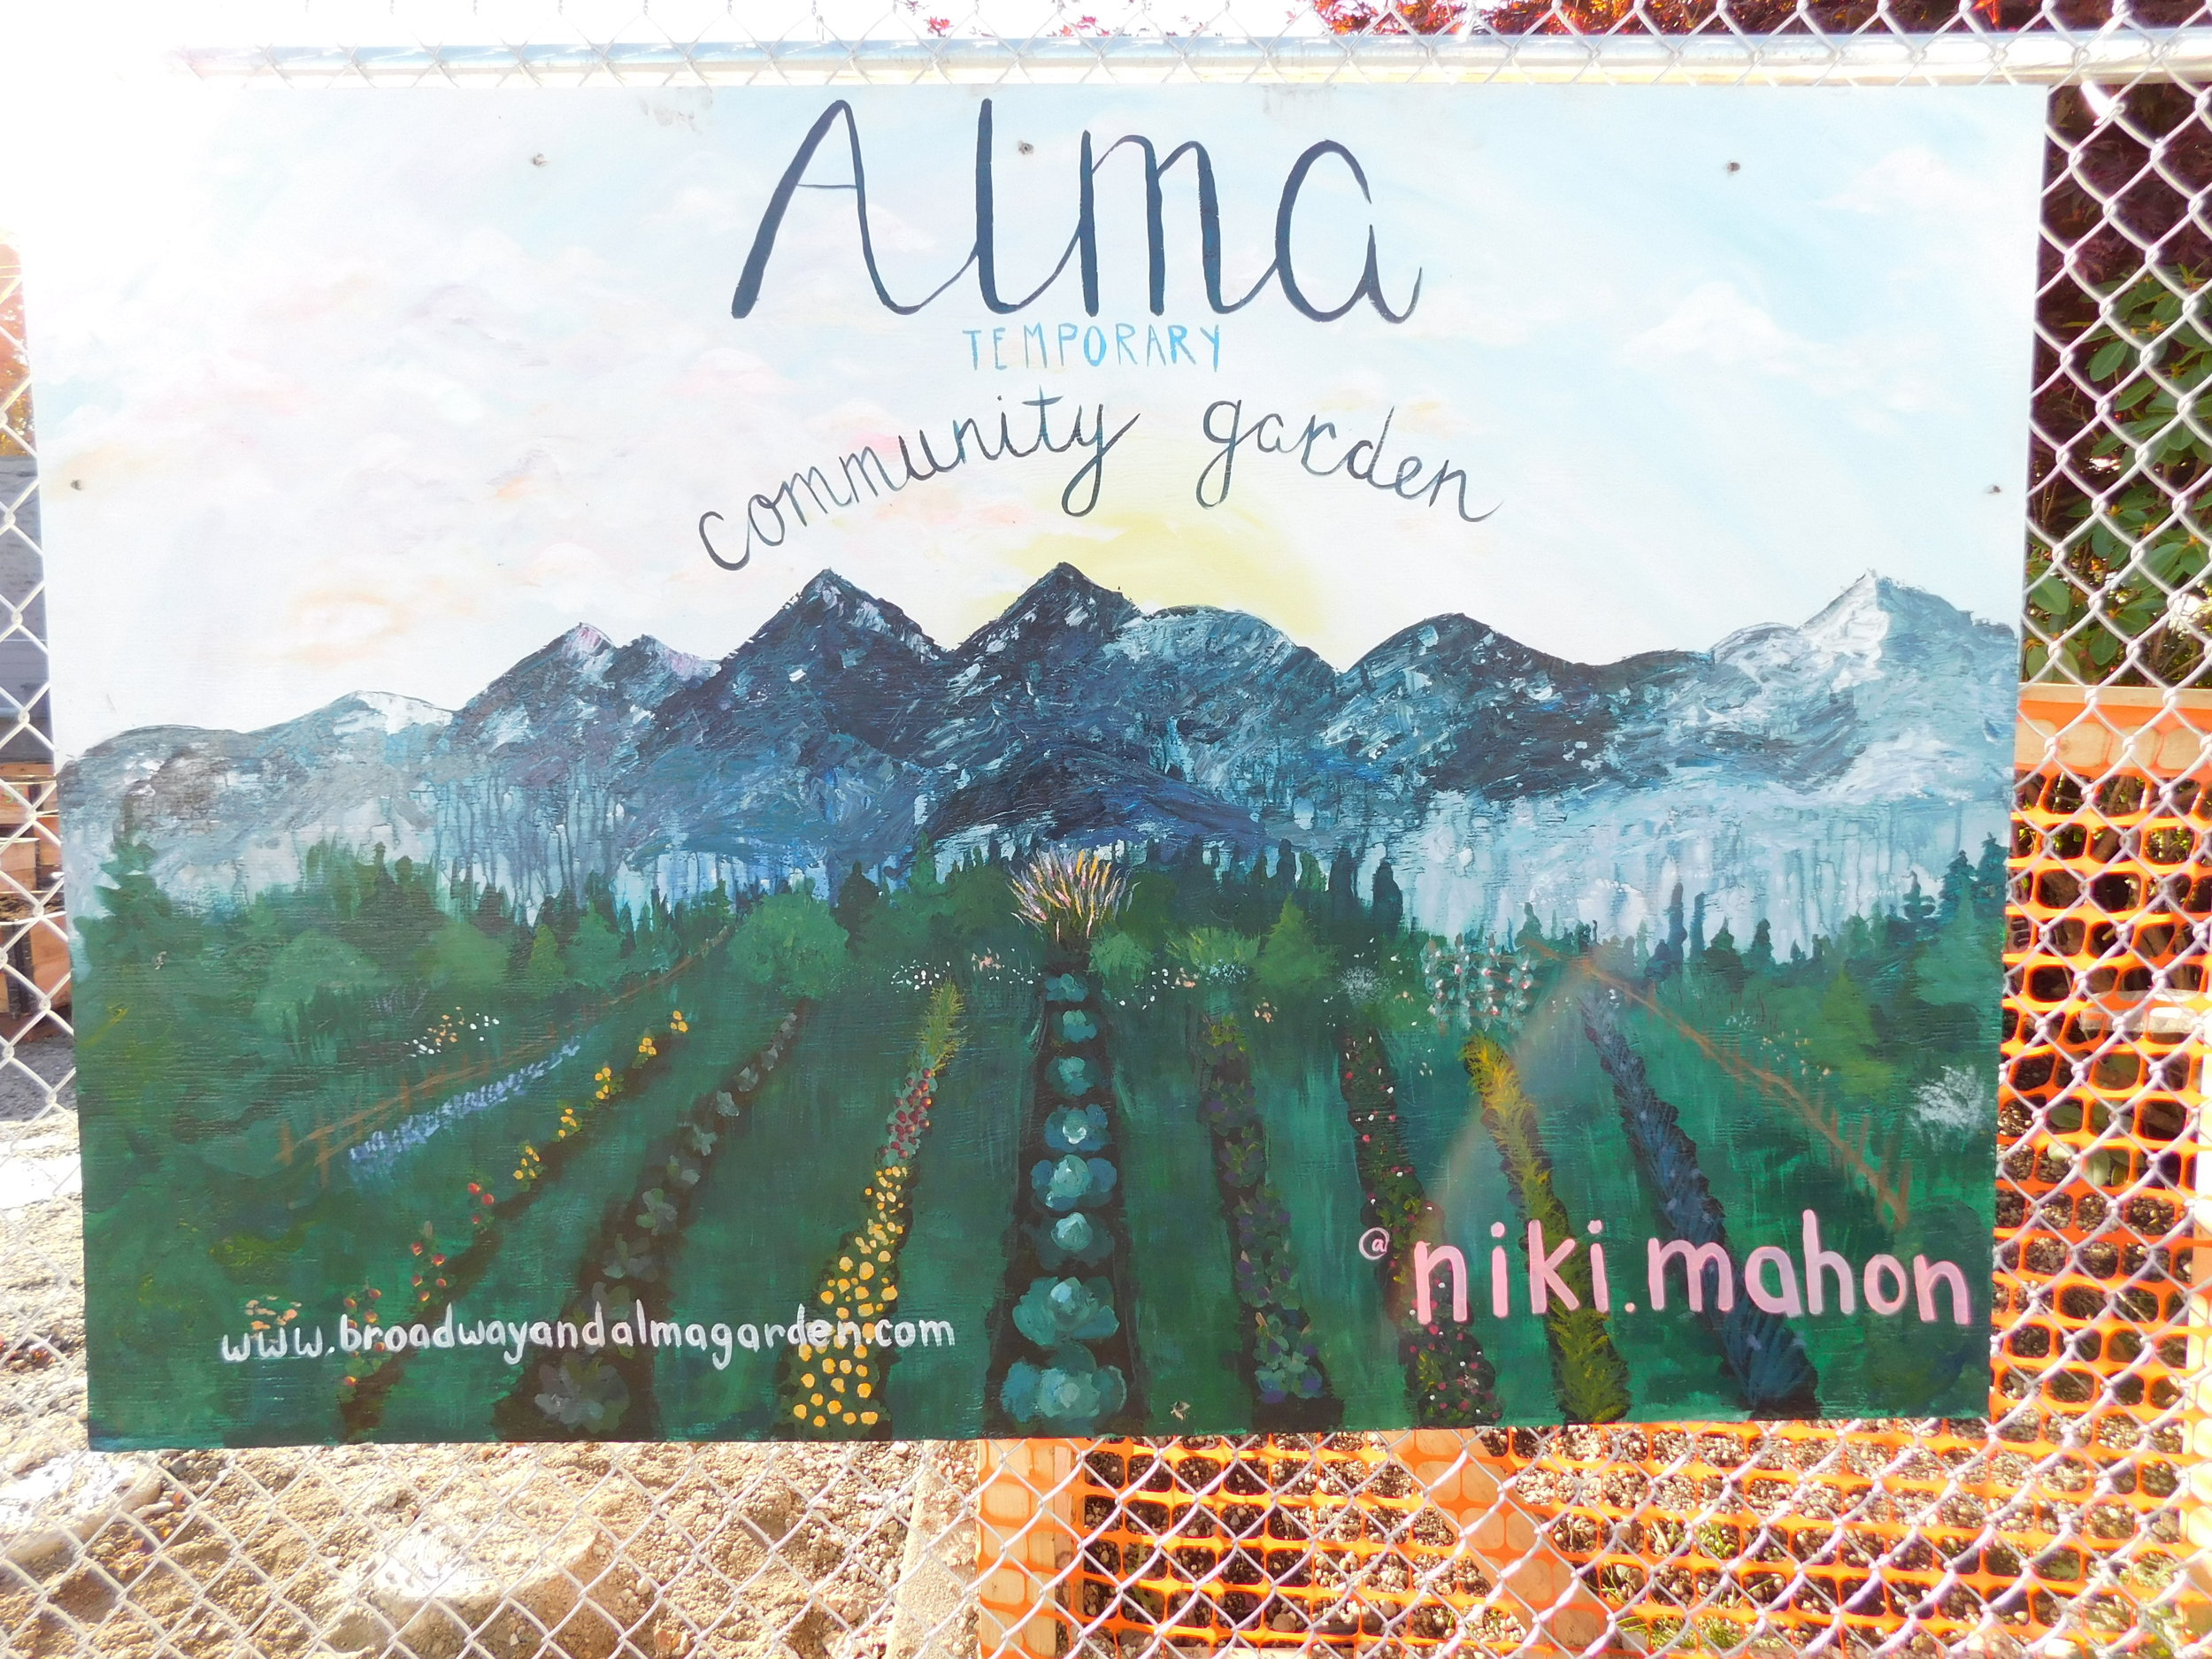 Broadway_Alma_Vancouver_Community_Garden_Builders-0013.JPG